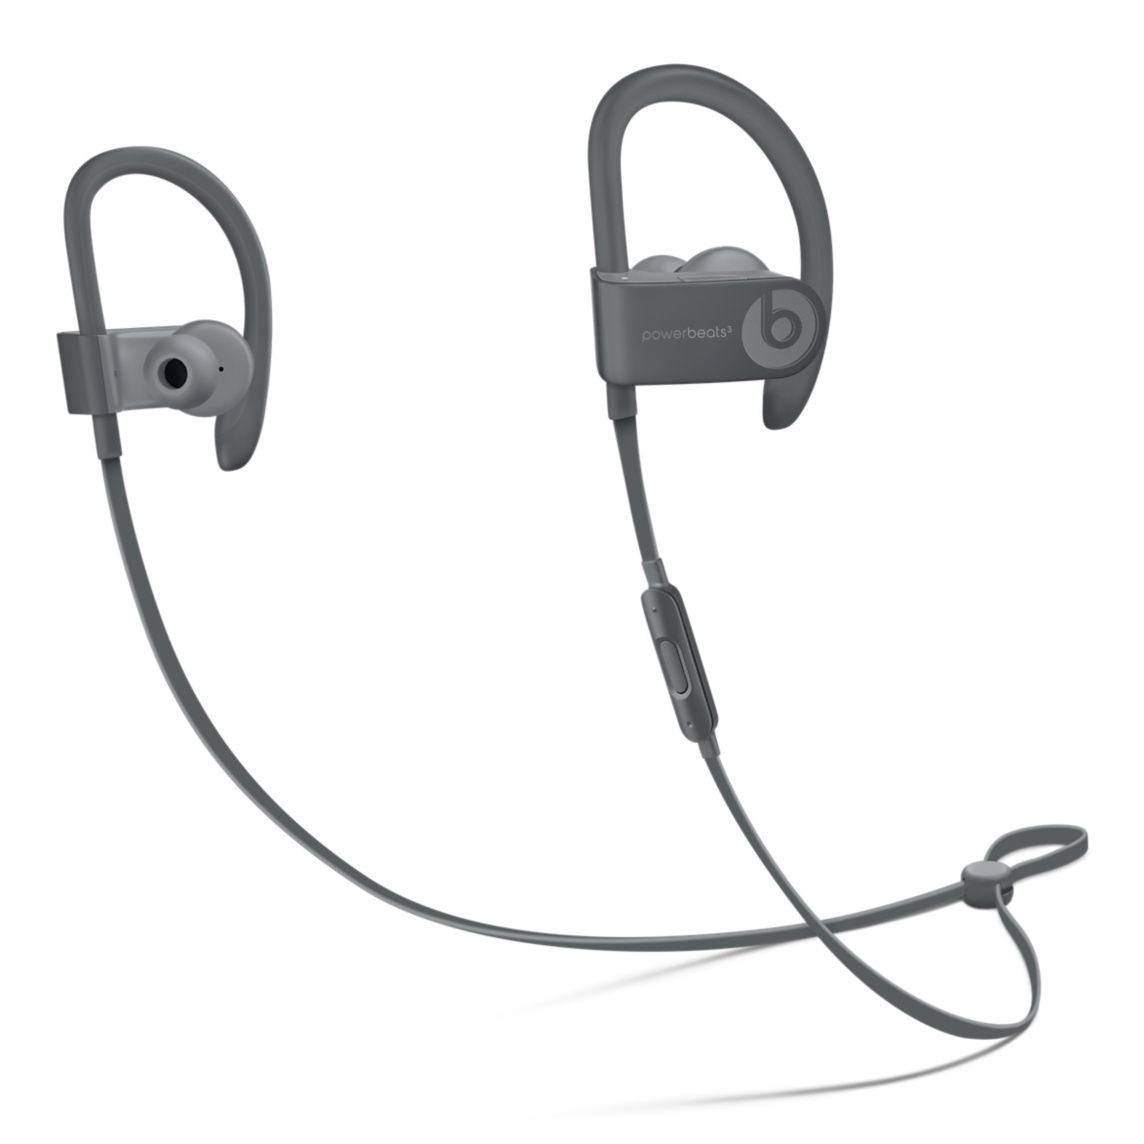 Powerbetas3-Wireless-4